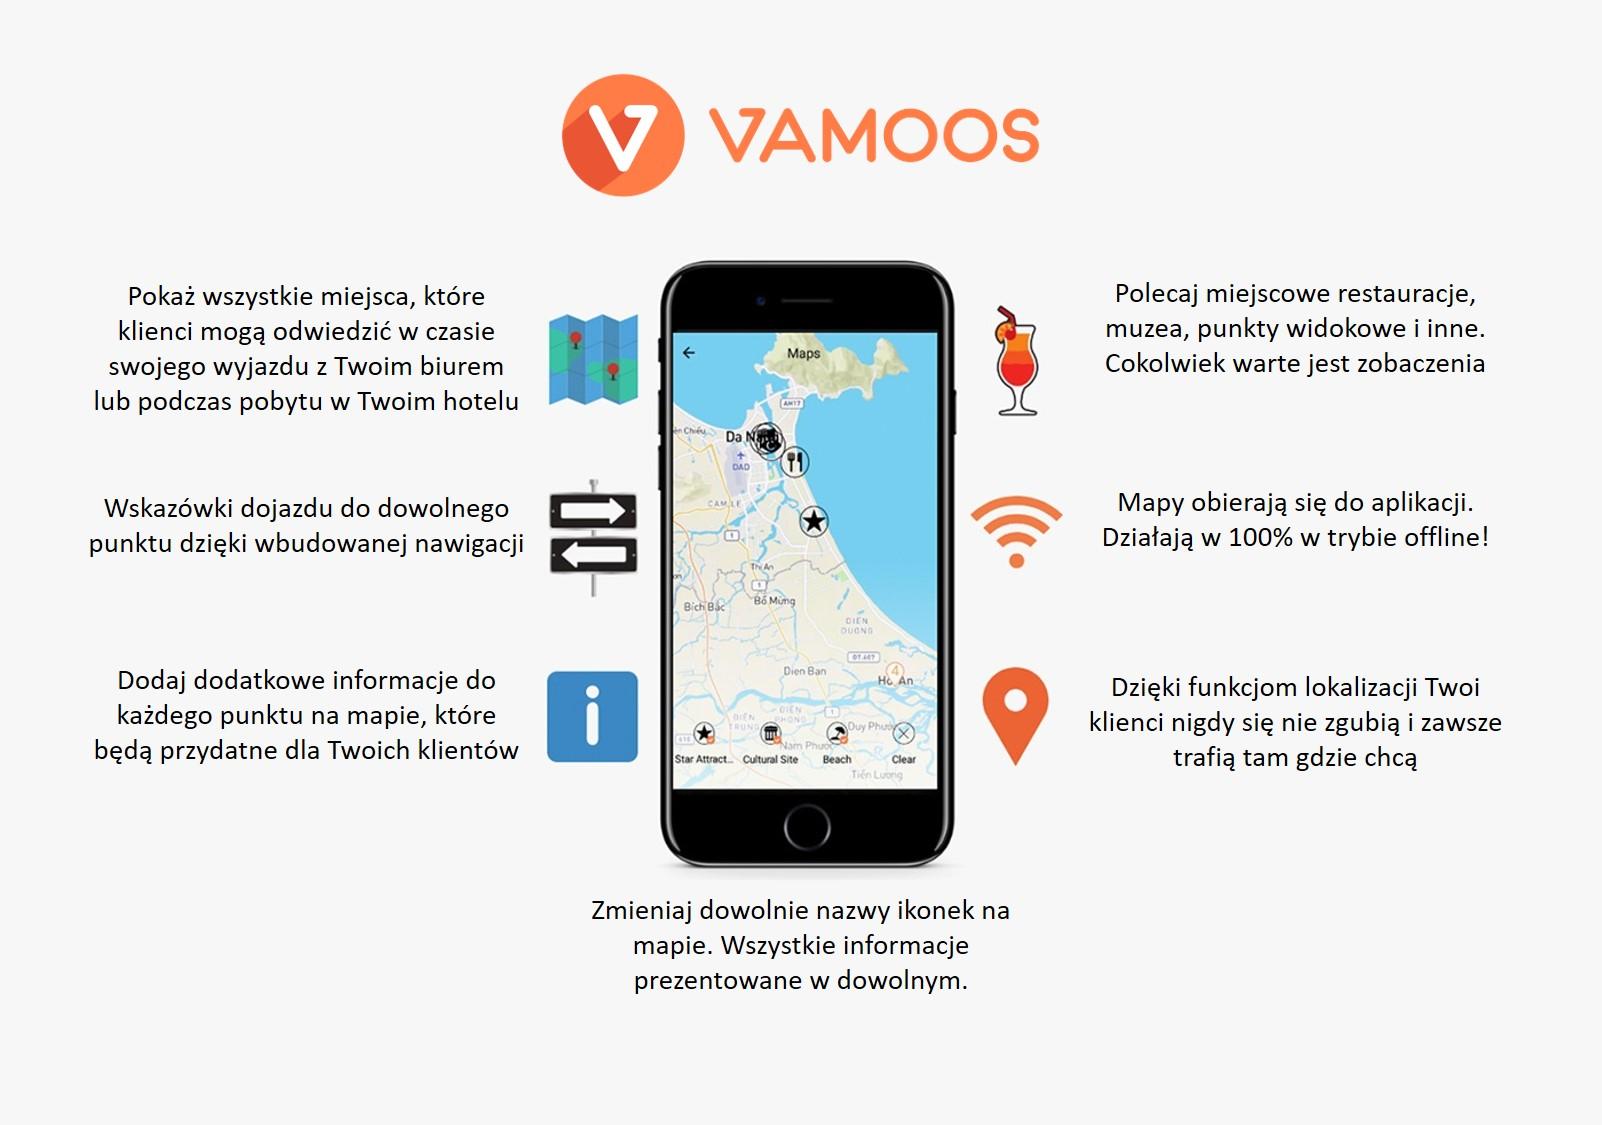 Mapy w aplikacji Vamoos